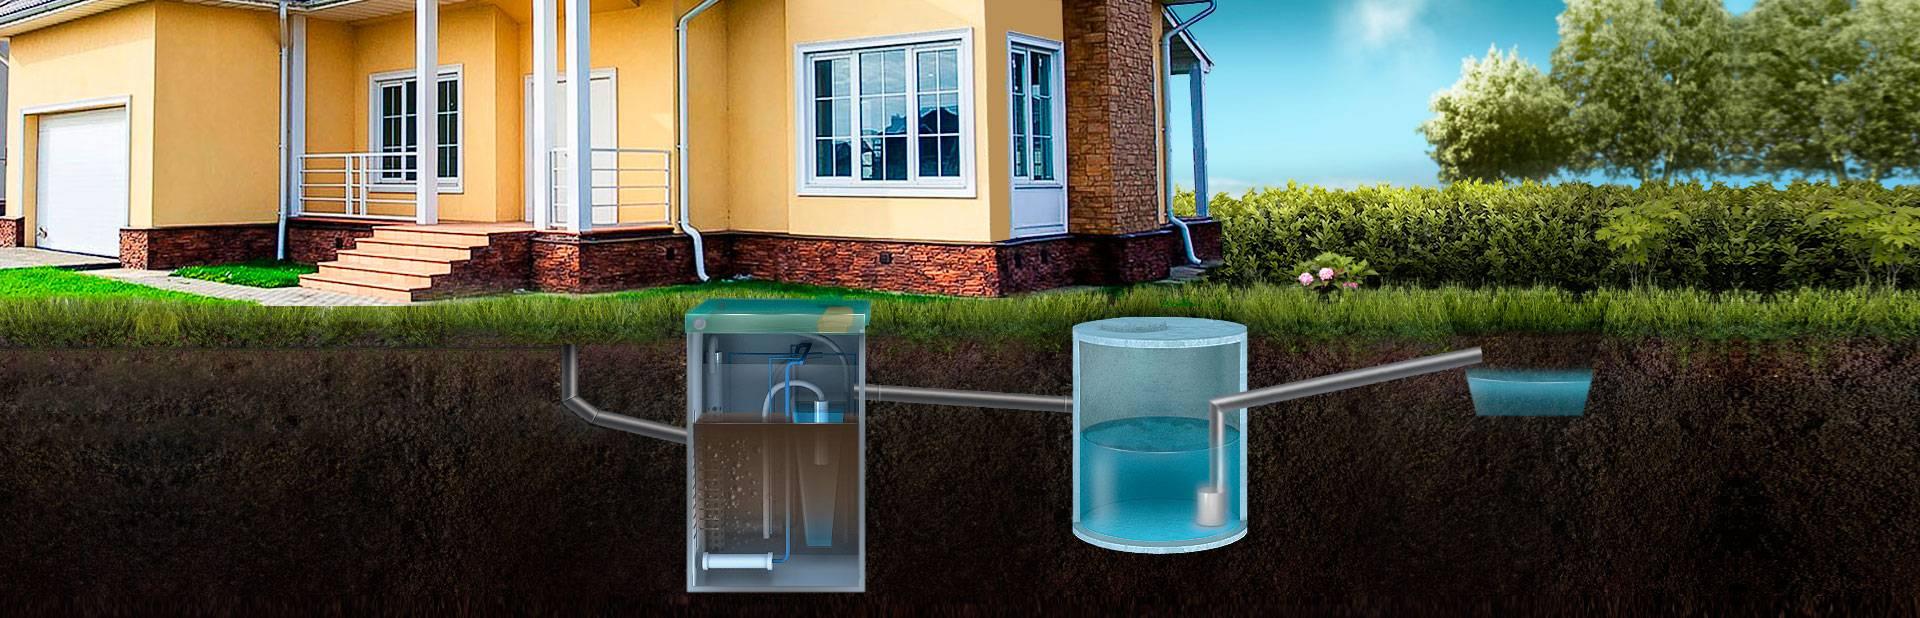 Куда сливать воду из септика: основные варианты и факторы их выбора | stroimass.com